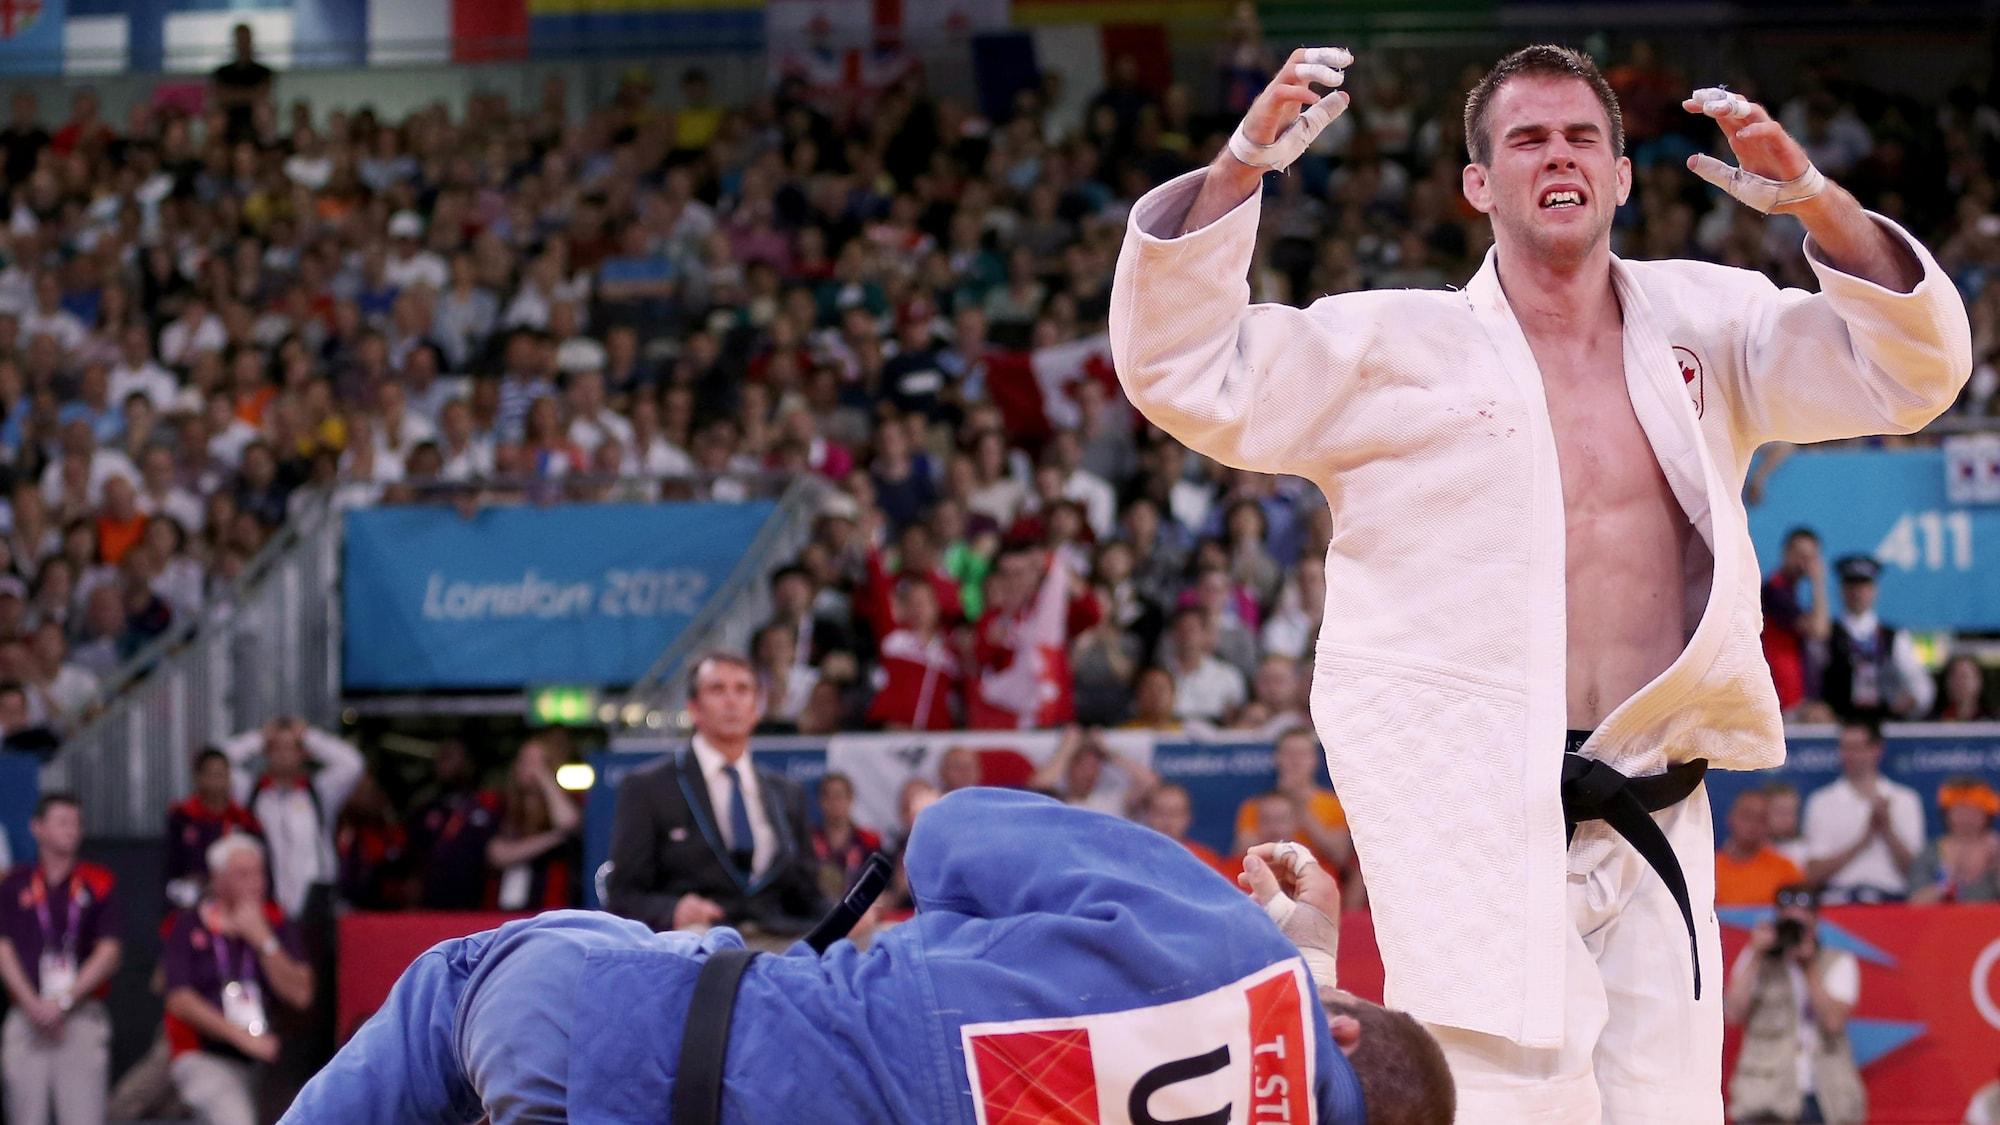 Antoine Valois-Fortier ne faisait pas partie des favoris quand il a gagné sa médaille de bronze à Londres, en 2012. Il n'a pu retenir ses larmes.